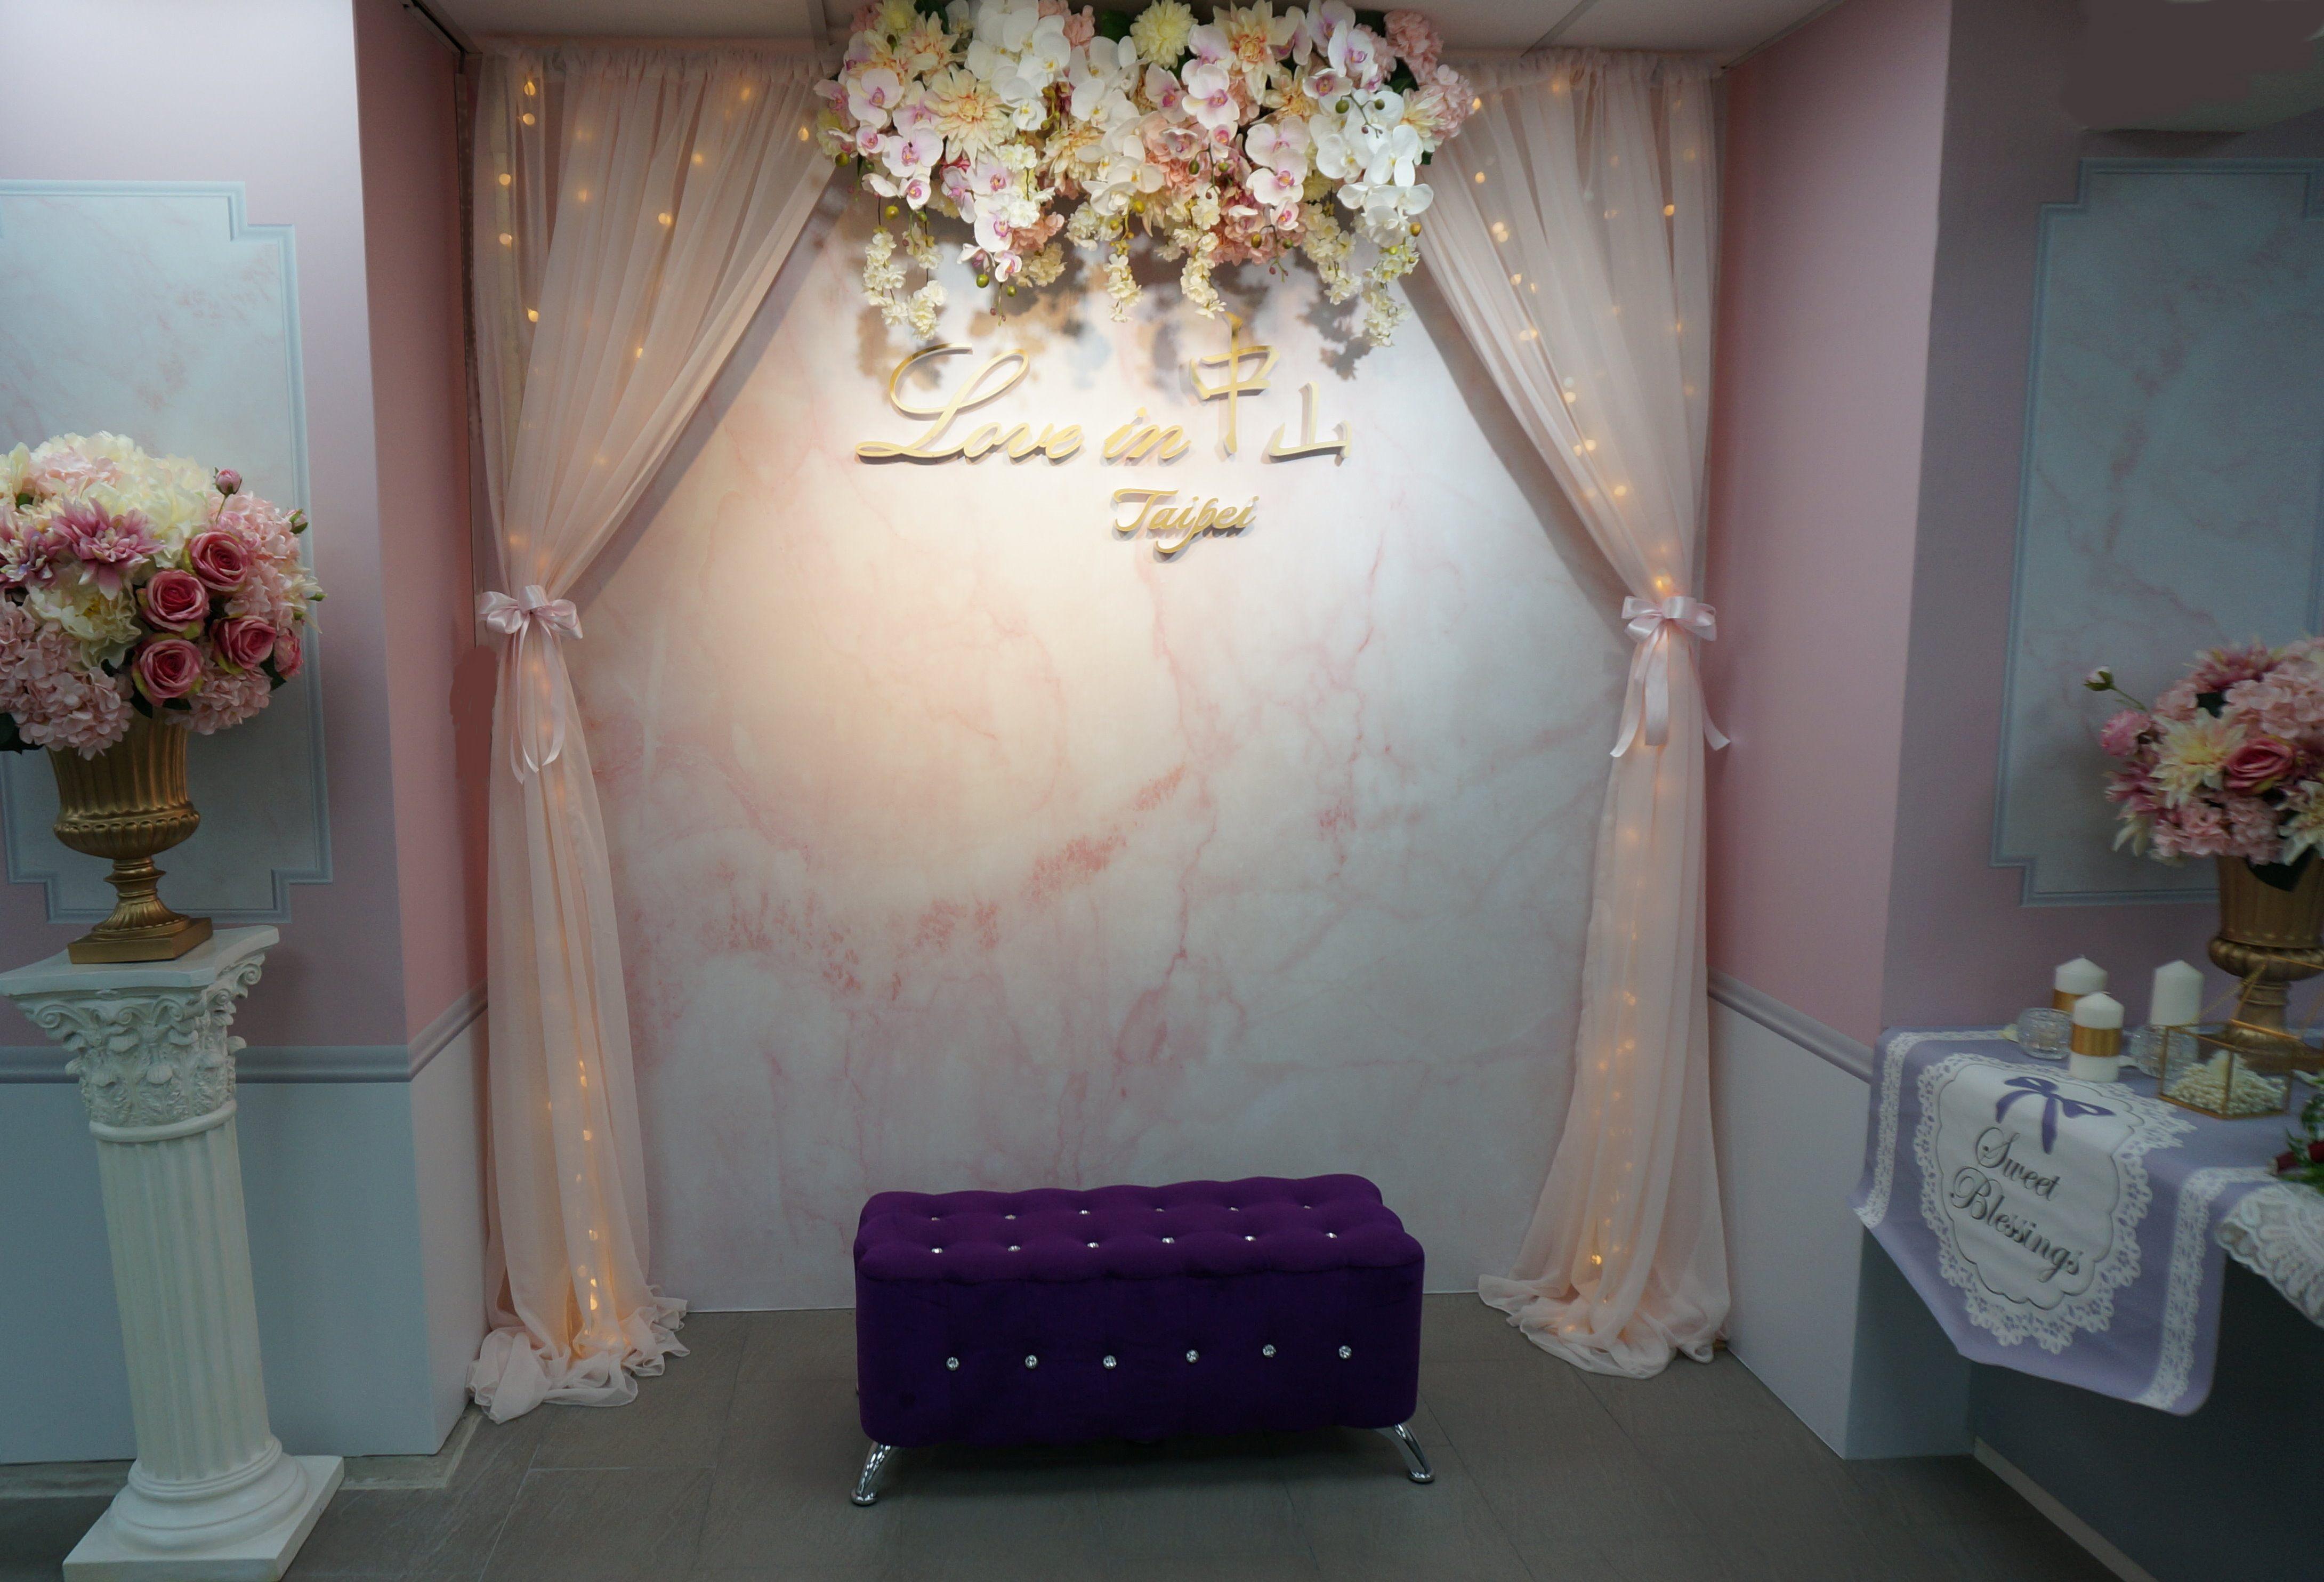 北市中山戶所結婚拍照專區第2張照片設計理念如上述,另開新視窗